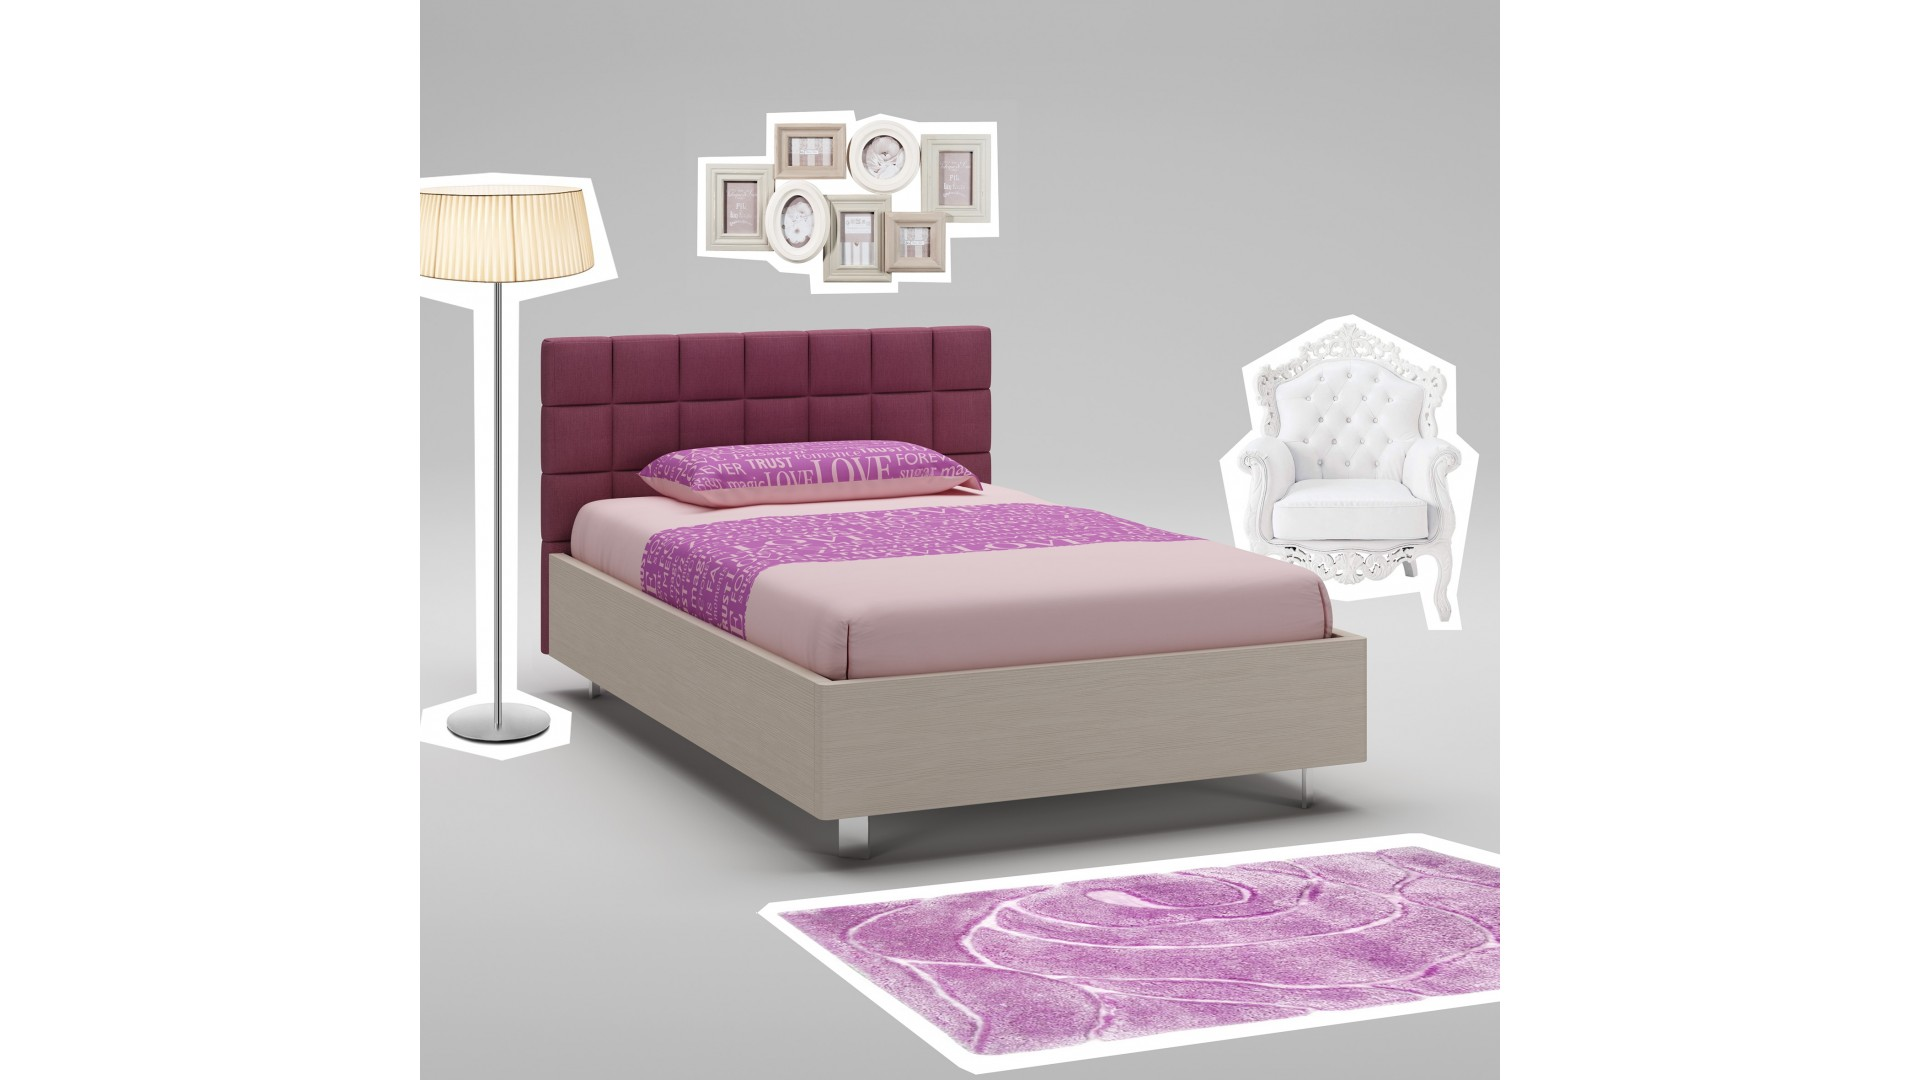 Lit ado PERSONNALISABLE WL093 de 120 x 200 avec tête de lit tissu couleur vin & cadre couleur mélèze - MORETTI COMPACT